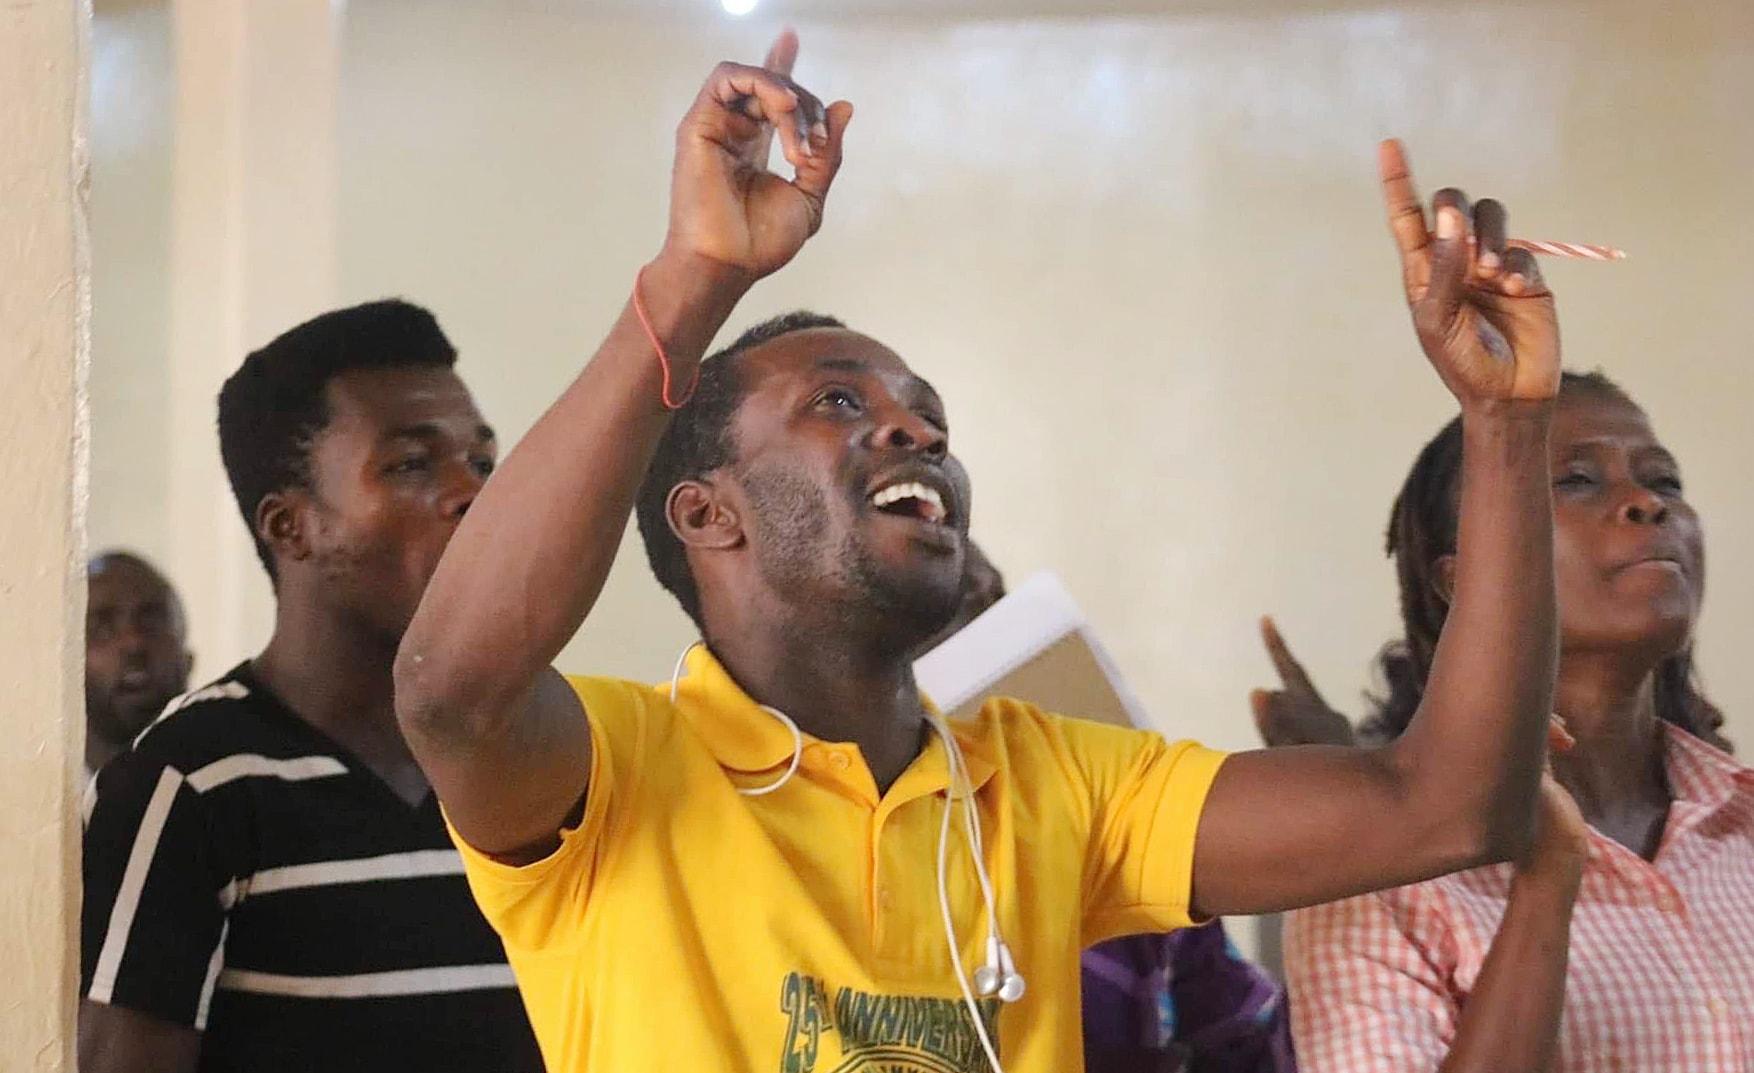 """Los/as jóvenes cantan durante el """"Foro La Próxima Generación"""" en la ciudad de Monrovia capital de Liberia. El evento del 22 de abril se centró en el futuro de los/as jóvenes en la iglesia. Foto por E Julu Swen, Noticias MU"""